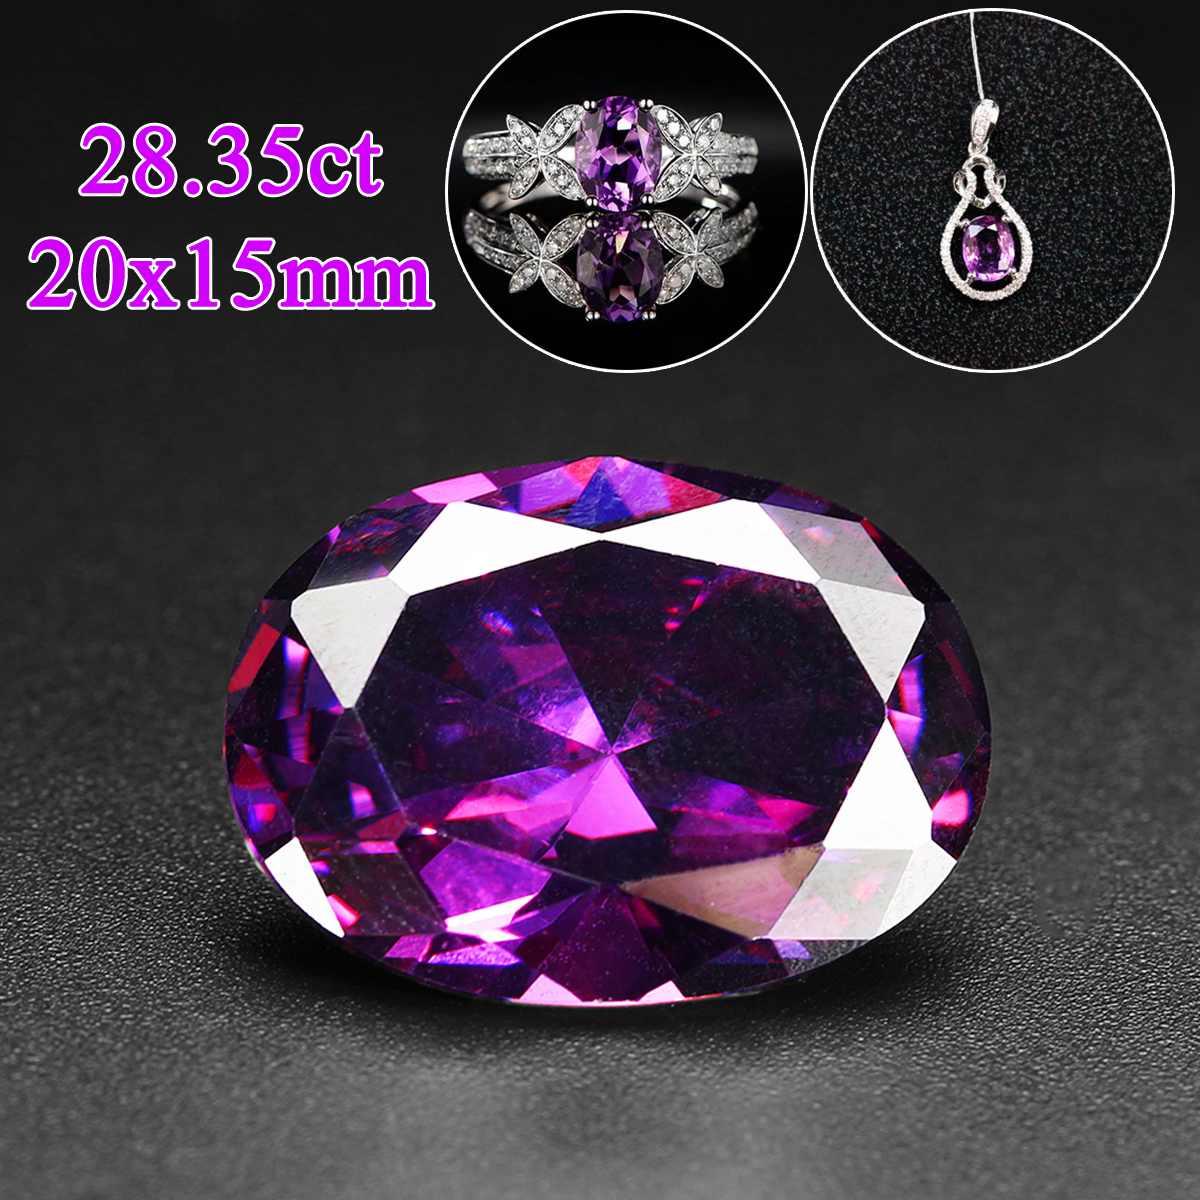 KIWARM 28.35ct 20x15mm 8 tipos coloridos ovalados elípticos corte piedras preciosas VVS AAA zirconia joyería boda fiesta anillo gemas decoraciones